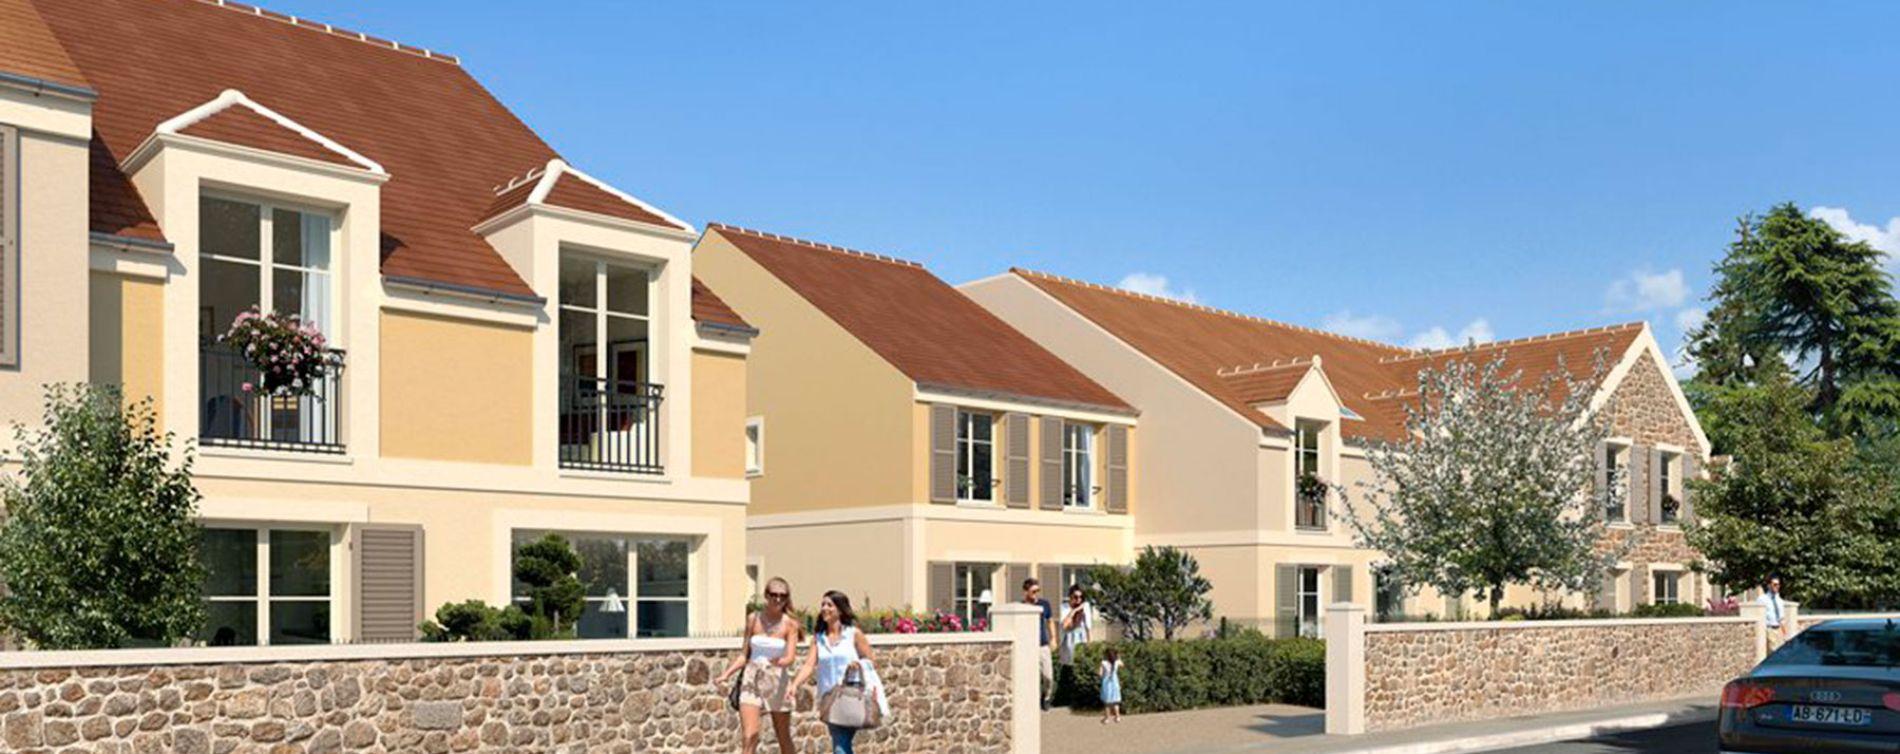 Magny-les-Hameaux : programme immobilier neuve « Cottages » (2)